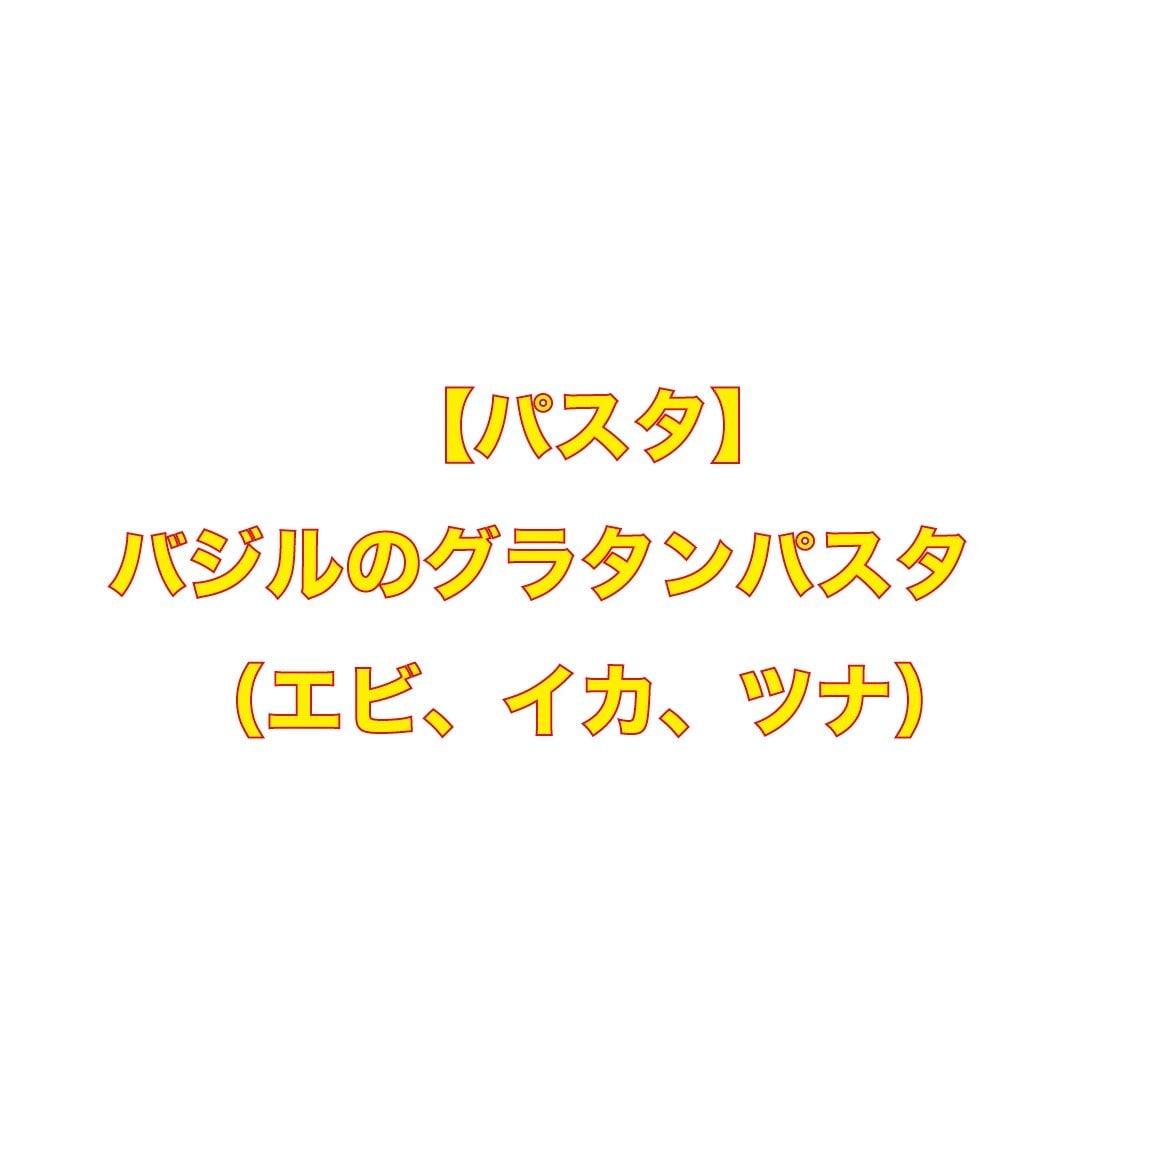 【パスタ】バジルのグラタンパスタ (エビ、イカ、ツナ)《店内注文》のイメージその1